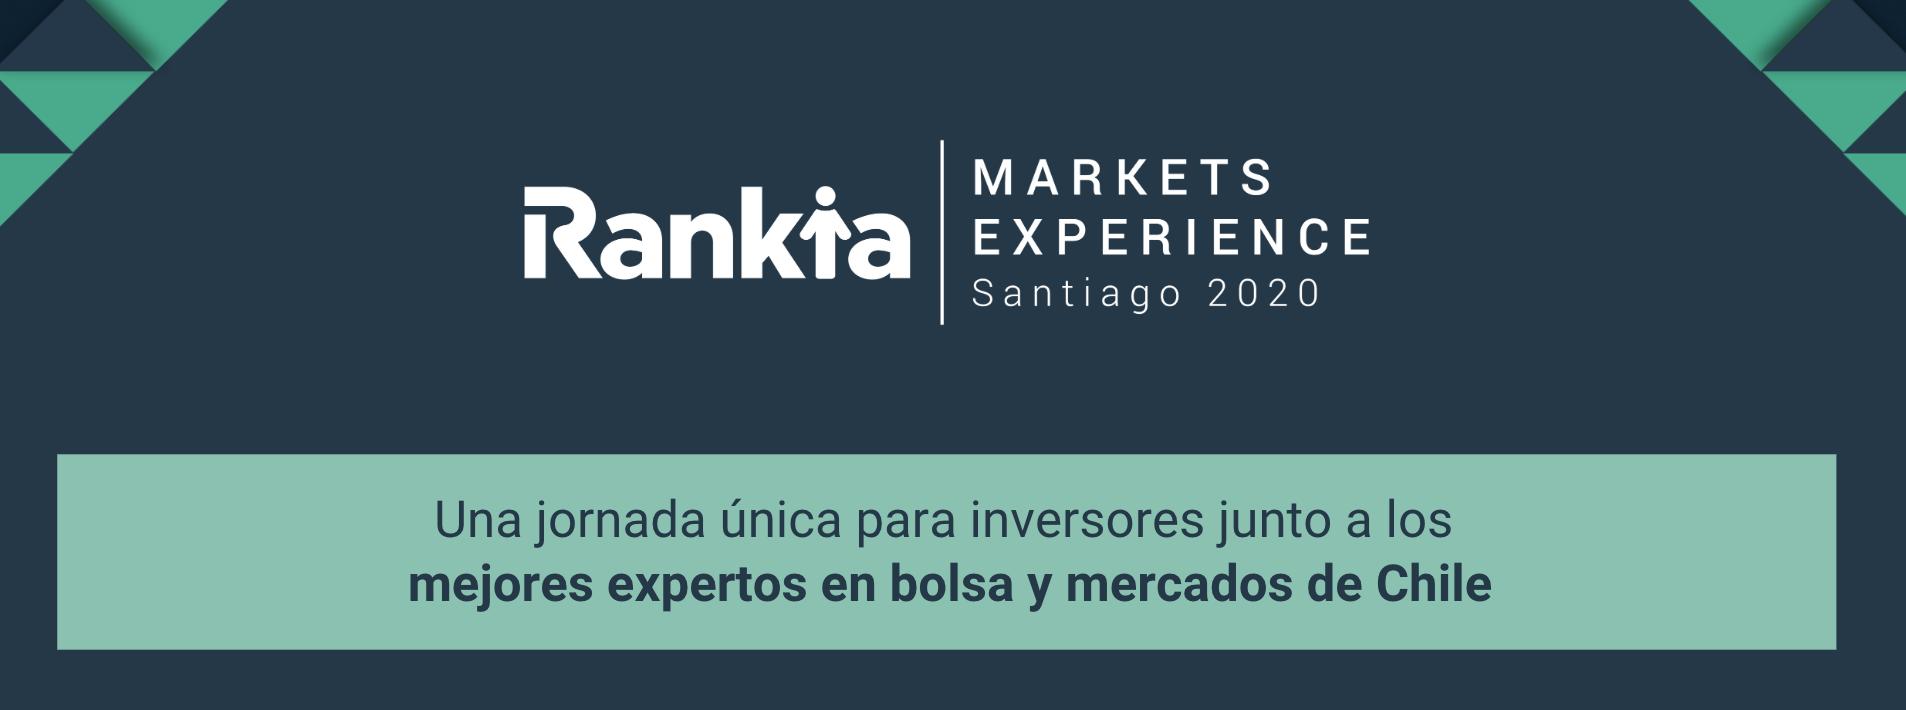 Rankia Markets Experience: ¡El evento financiero del año en Santiago de Chile!